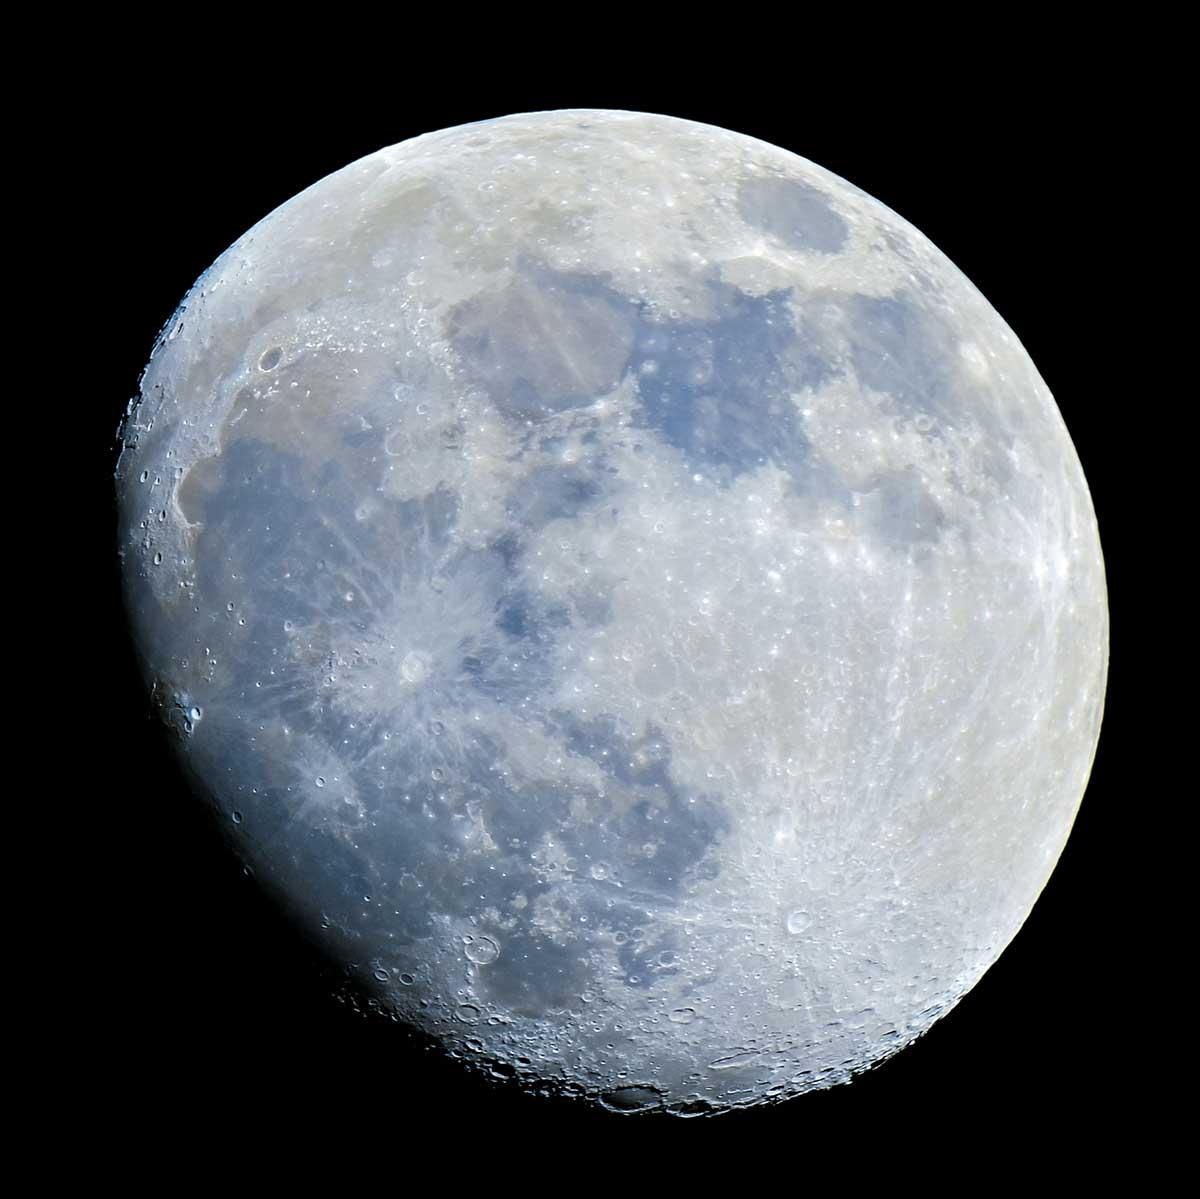 Mond mit einem 1000mm Objektiv manuell fokusiert